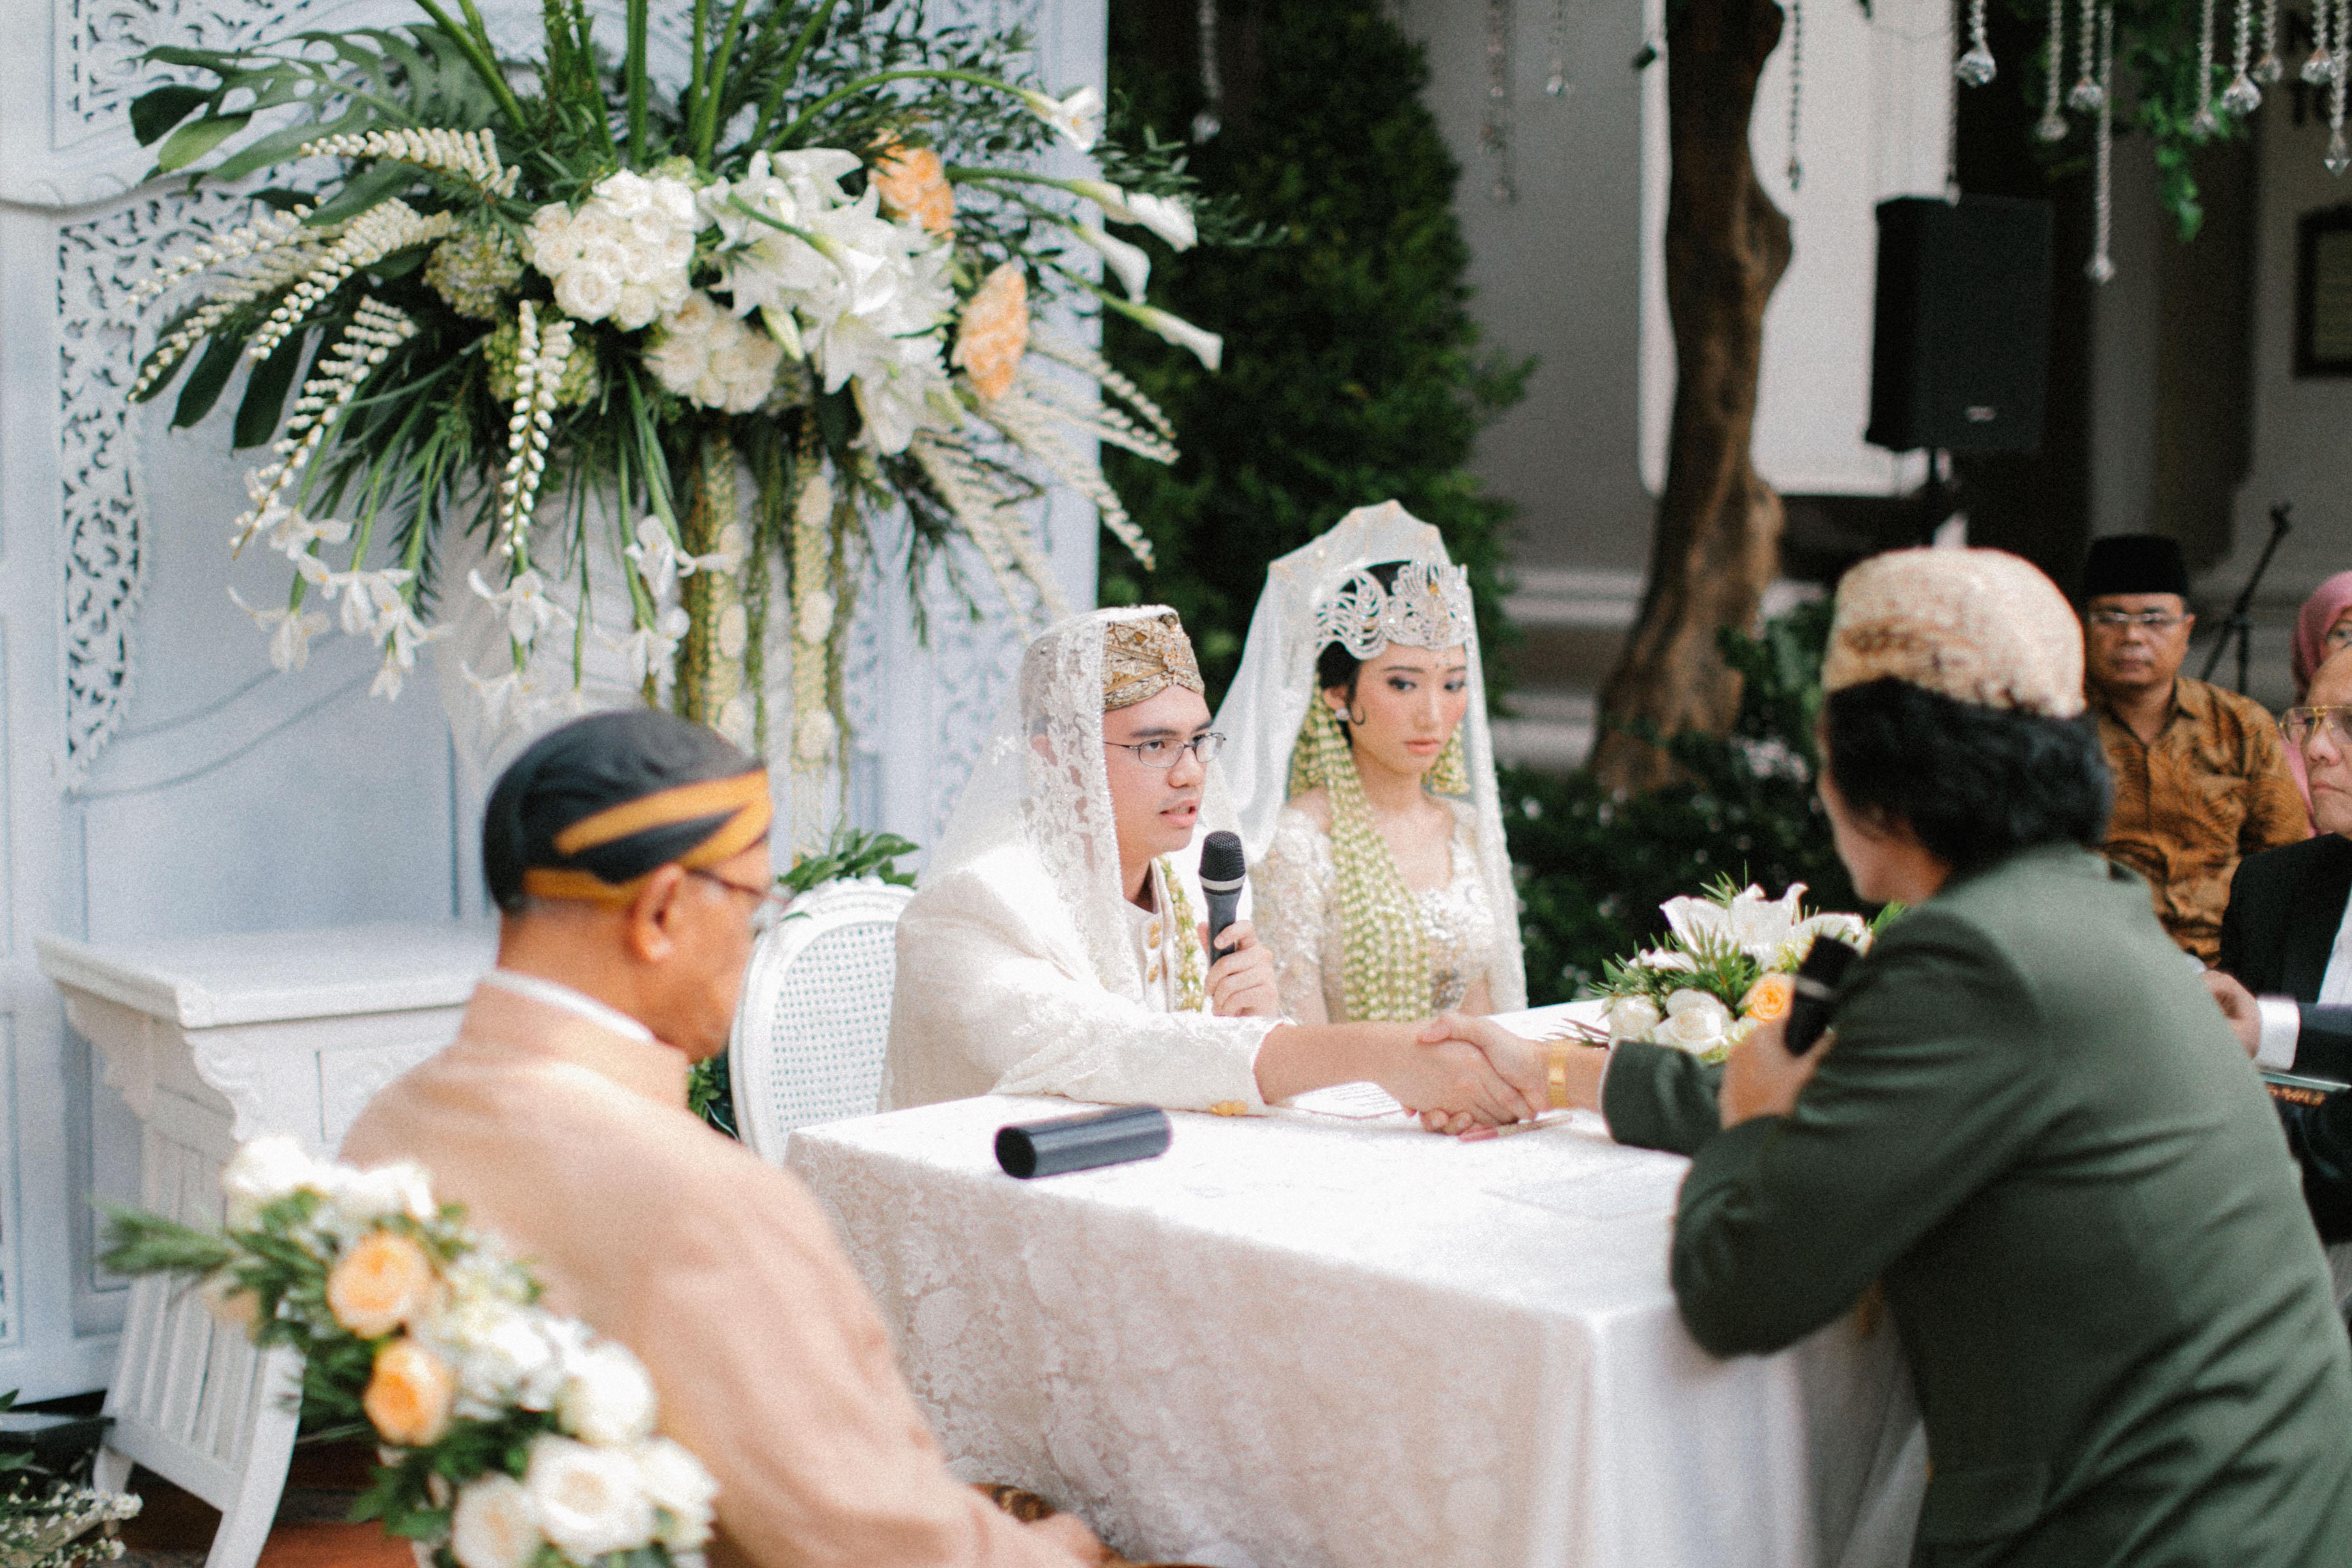 wedding ceremony table vows bride groom father handshake